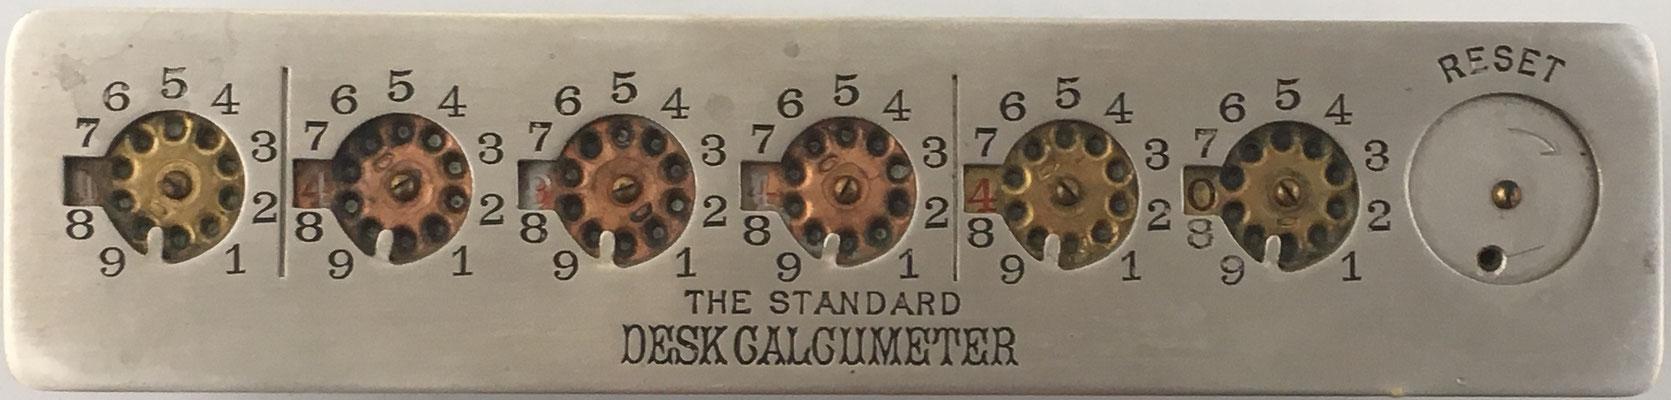 The Standard DESK CALCUMETER, fabricado por Herbert North Morse (Trenton, Nueva Jersey, EE. UU.), con mecanismo de puesta a cero, s/n 94/67763, año 1901, 22x5X2 cm